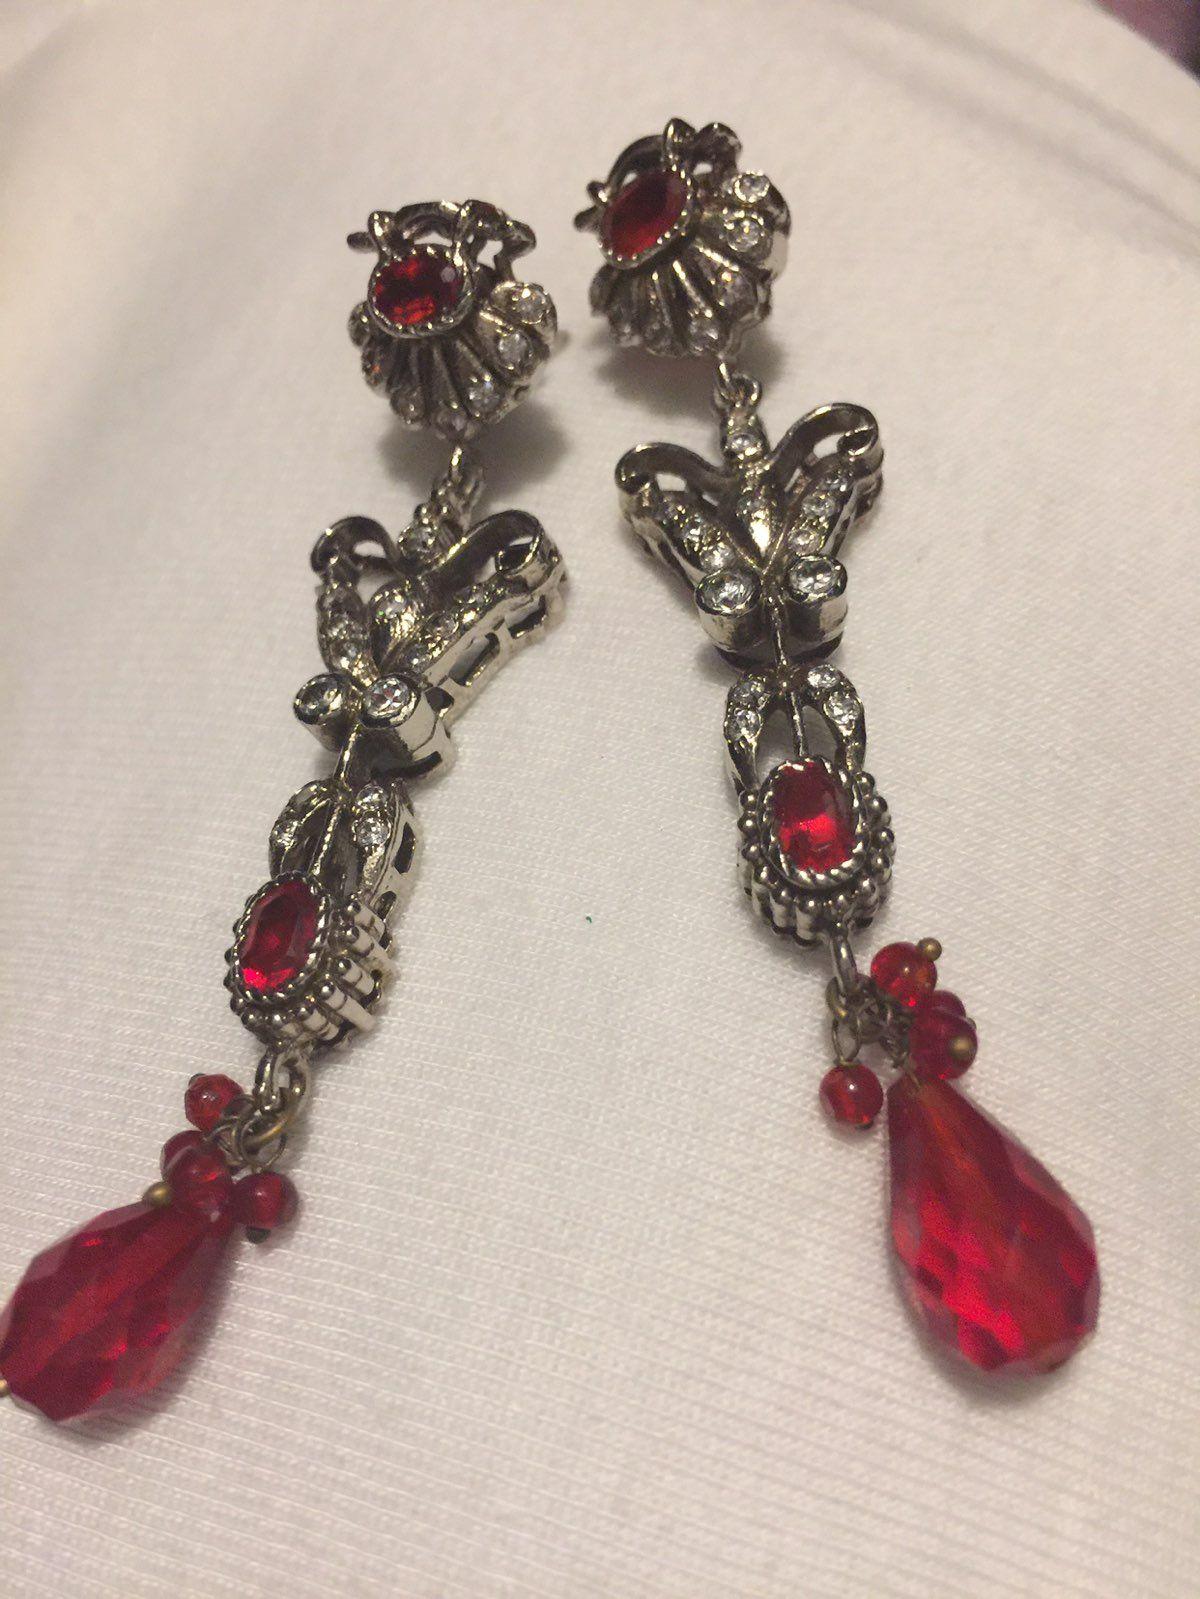 Red crystal chandelier earrings mercari buy sell things you love red crystal chandelier earrings arubaitofo Gallery